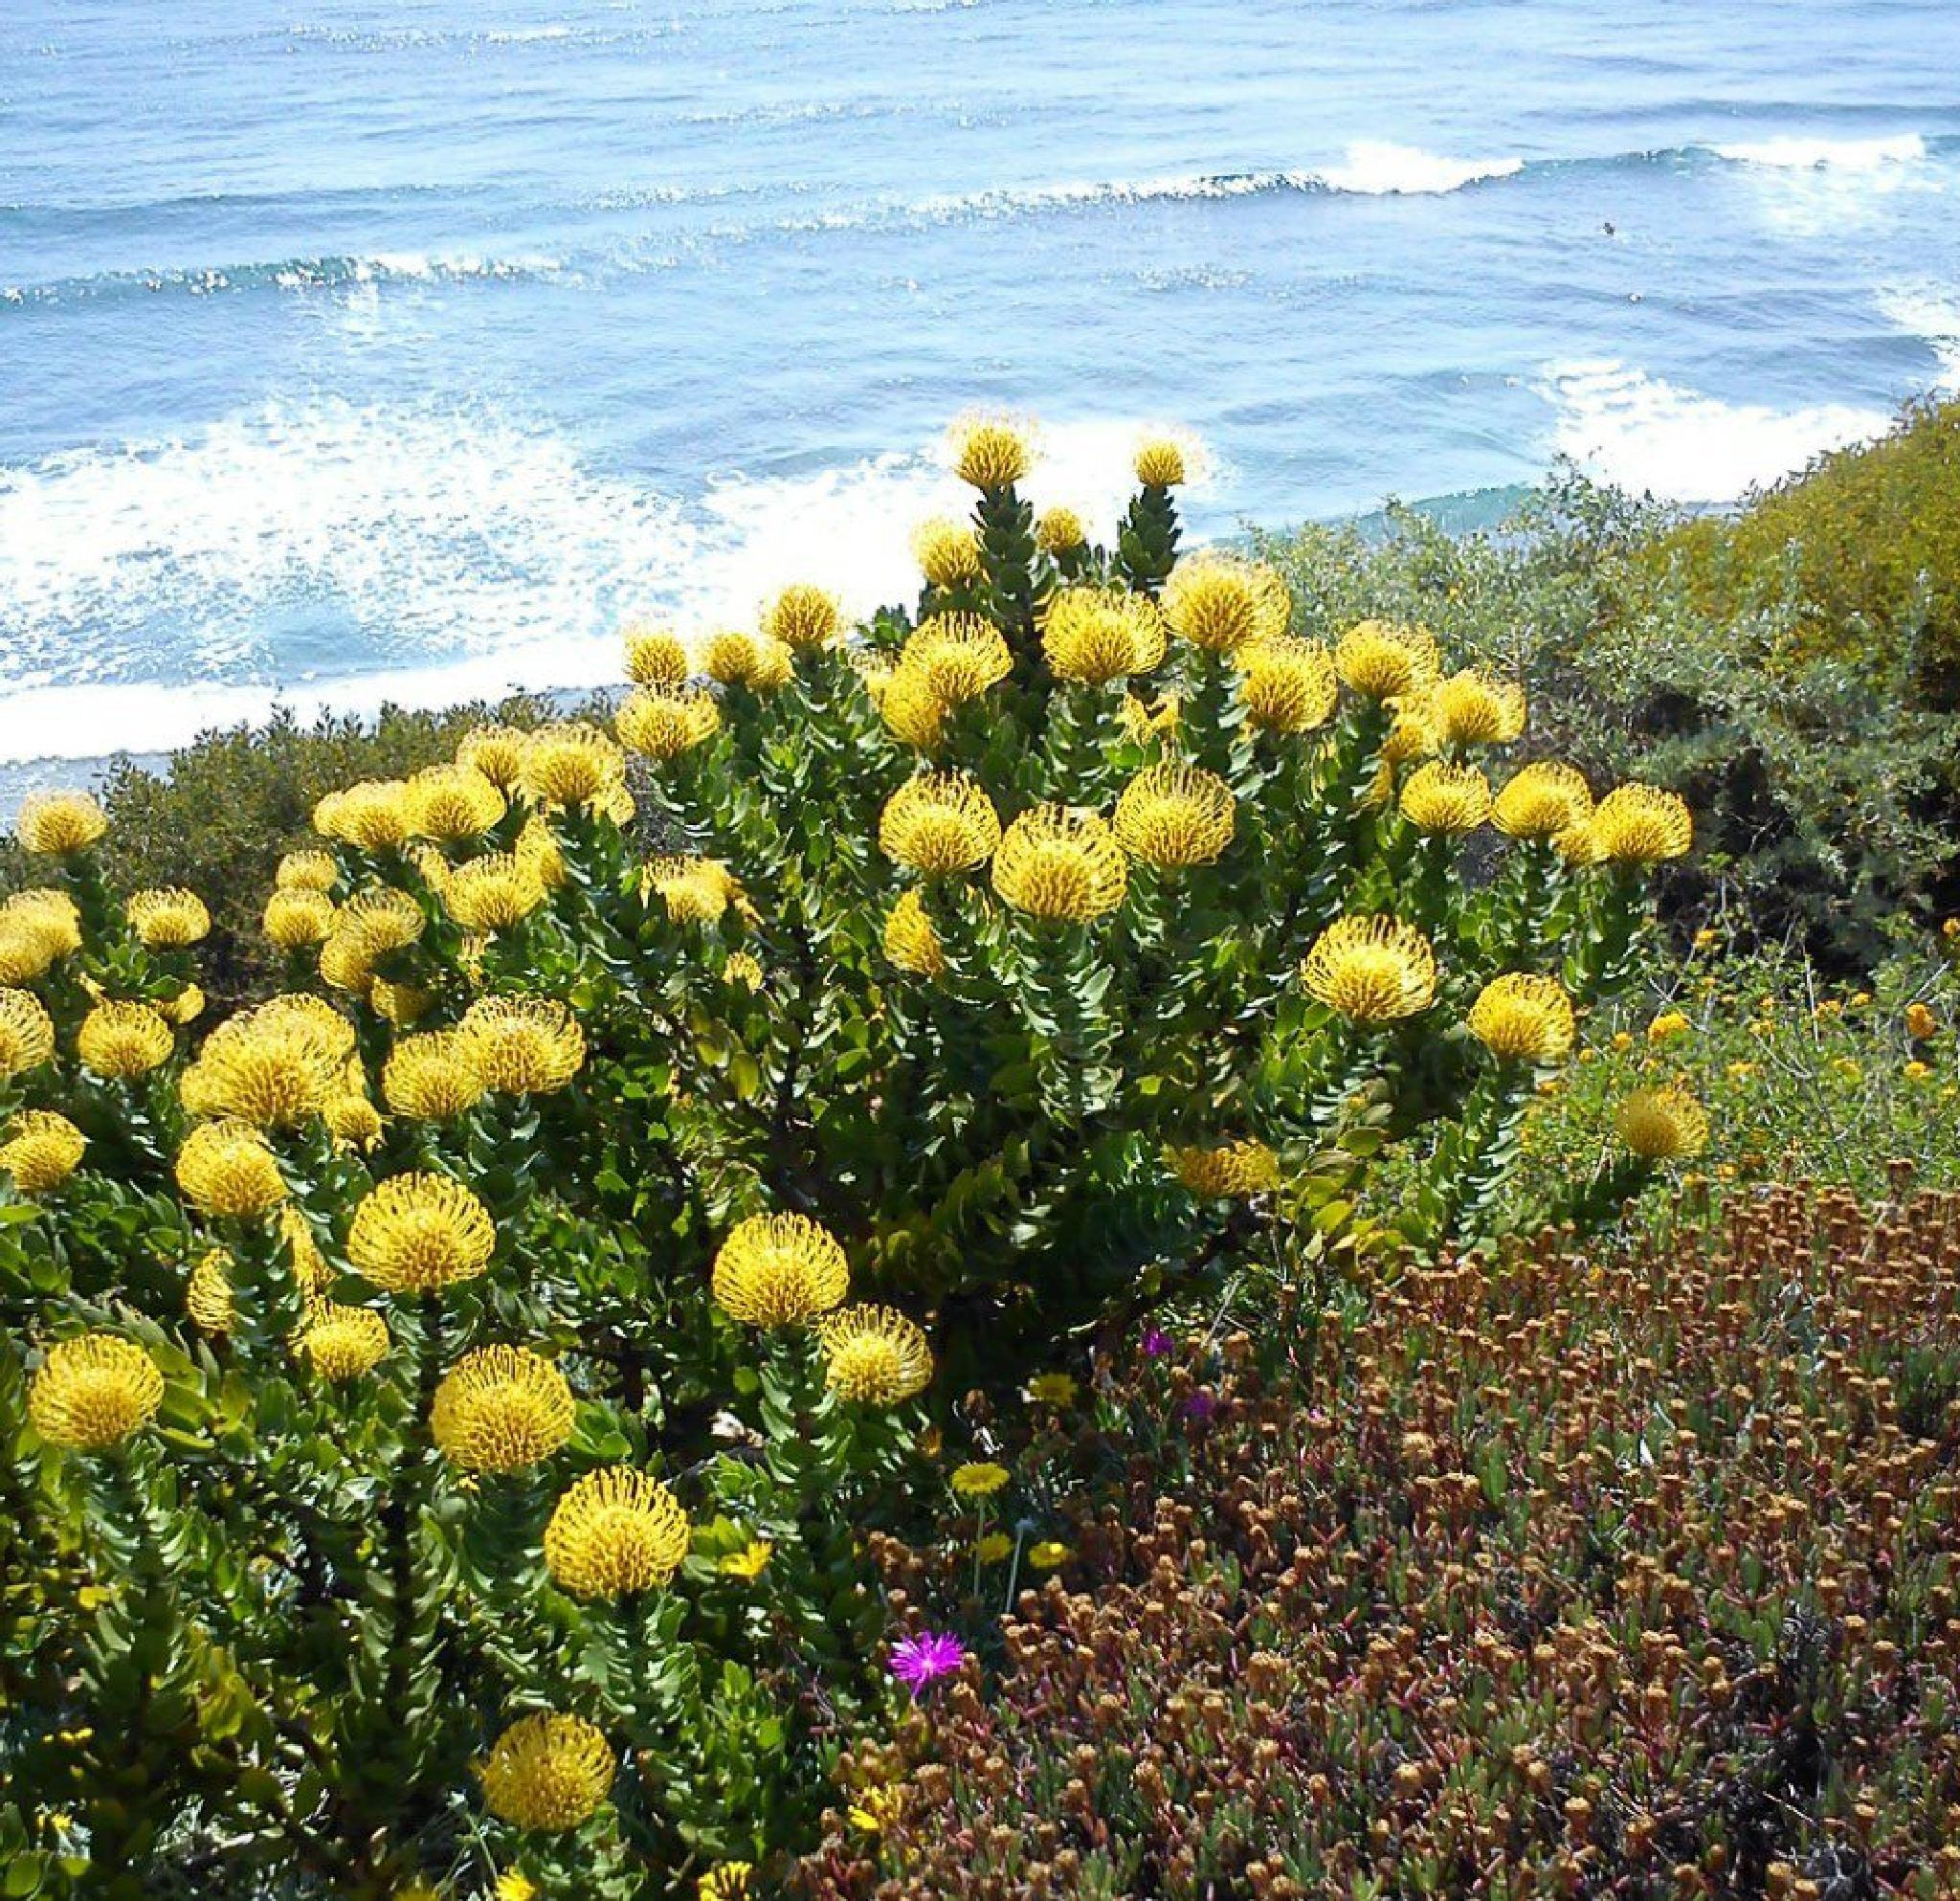 Yellow blooms Ocean by jane.guy.moore